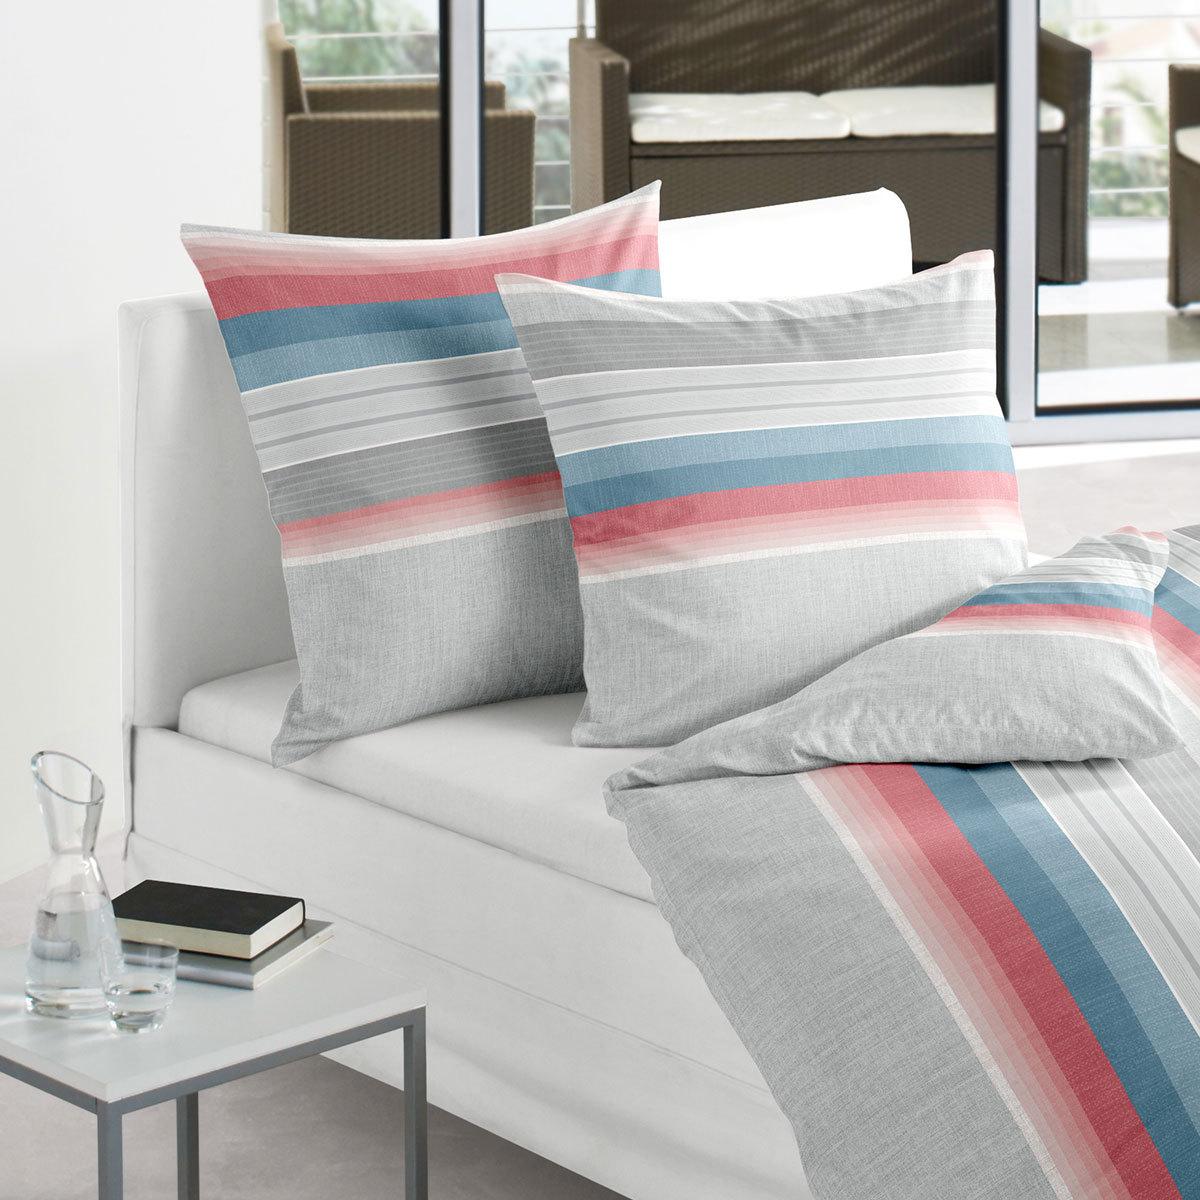 irisette biber bettw sche davos 8632 20 g nstig online kaufen bei bettwaren shop. Black Bedroom Furniture Sets. Home Design Ideas